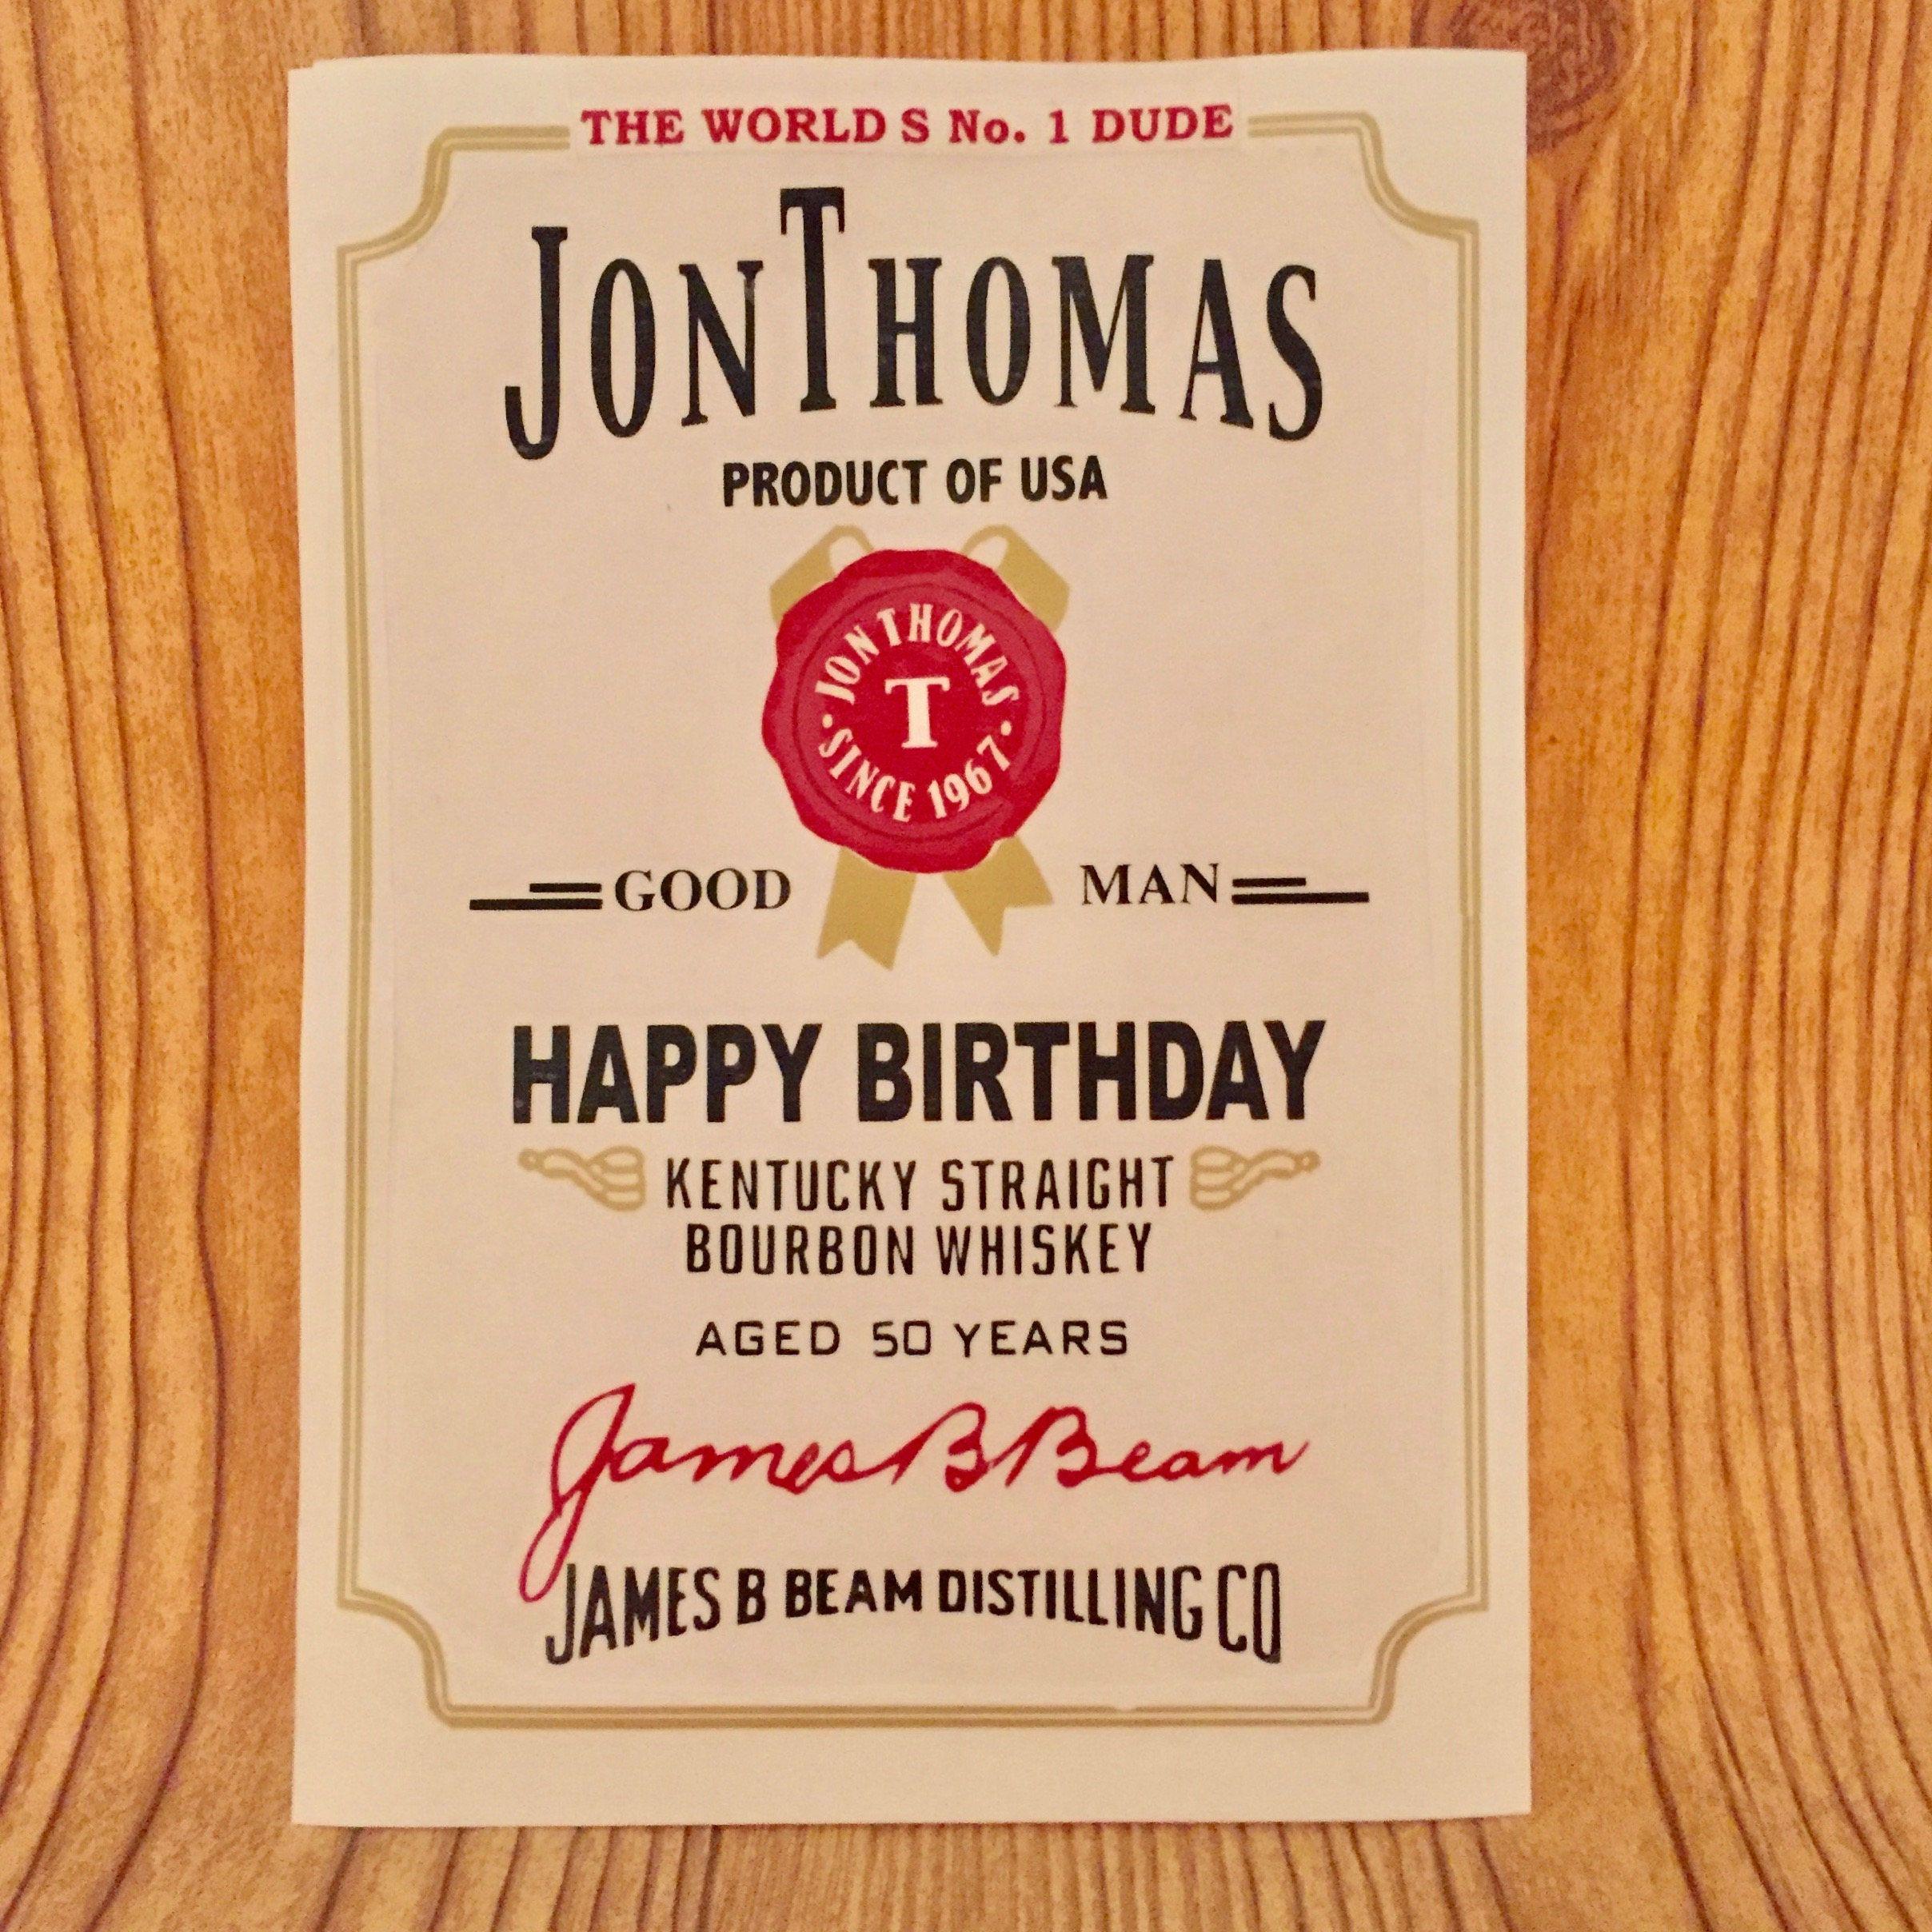 Personalized Jim Beam Label Inspired Decal For Birthdays Bestman Groomsman Etc By Tmangstreasures On Etsy Jim Beam Personalised Gin Beams